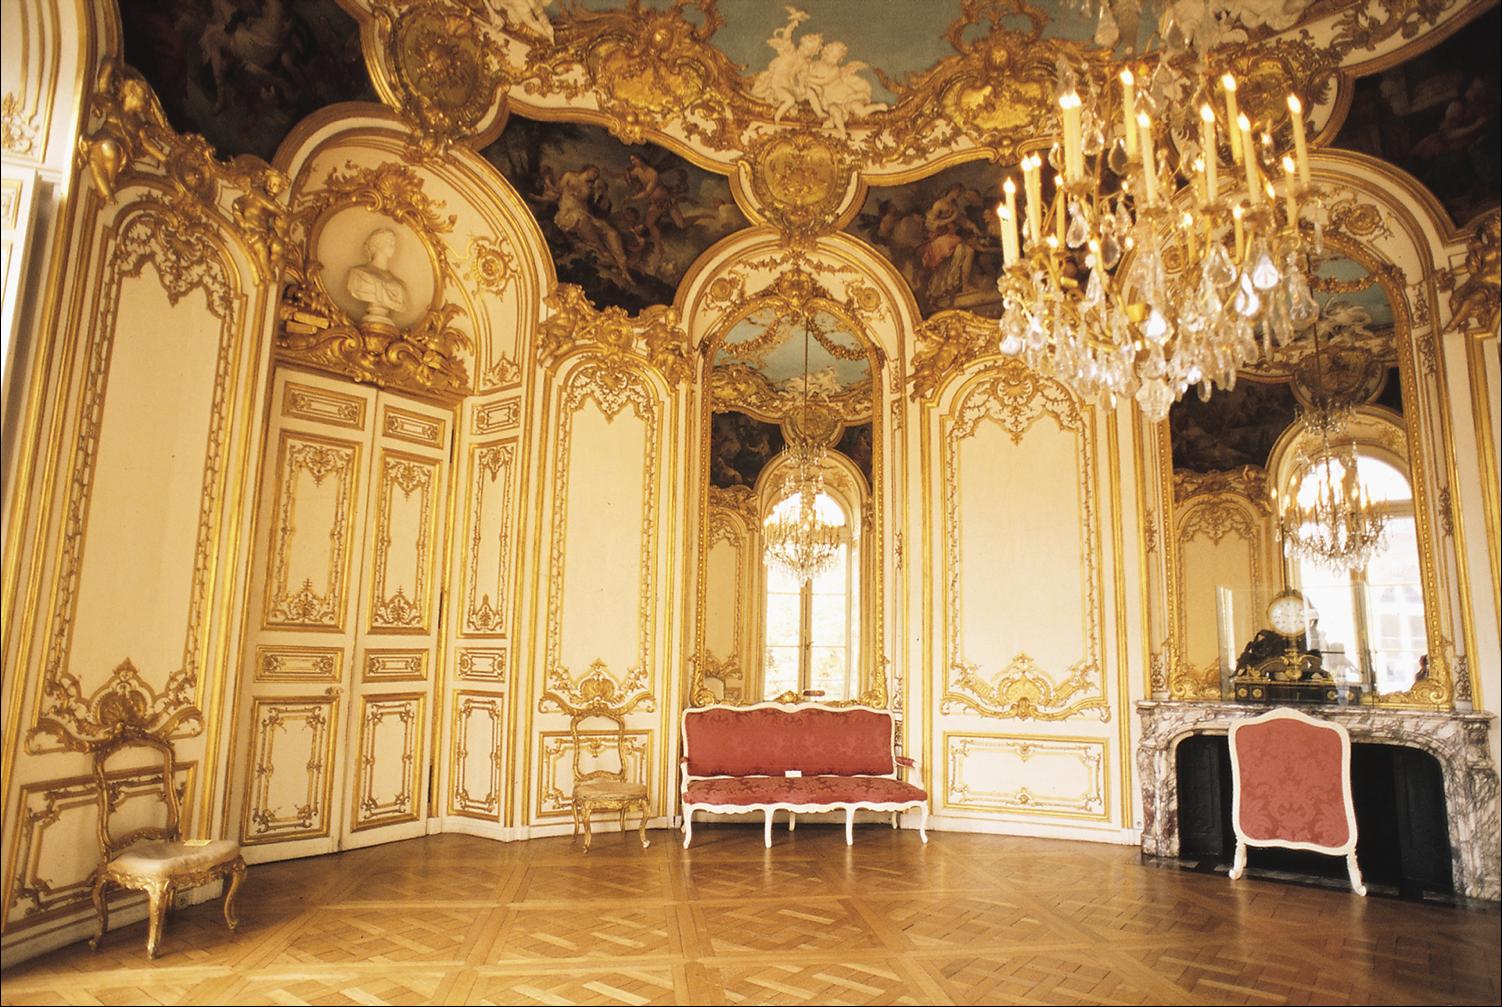 Salon de la princesse from the hotel soubise by germain boffrand with painting and decoration - Salon de la decoration paris ...